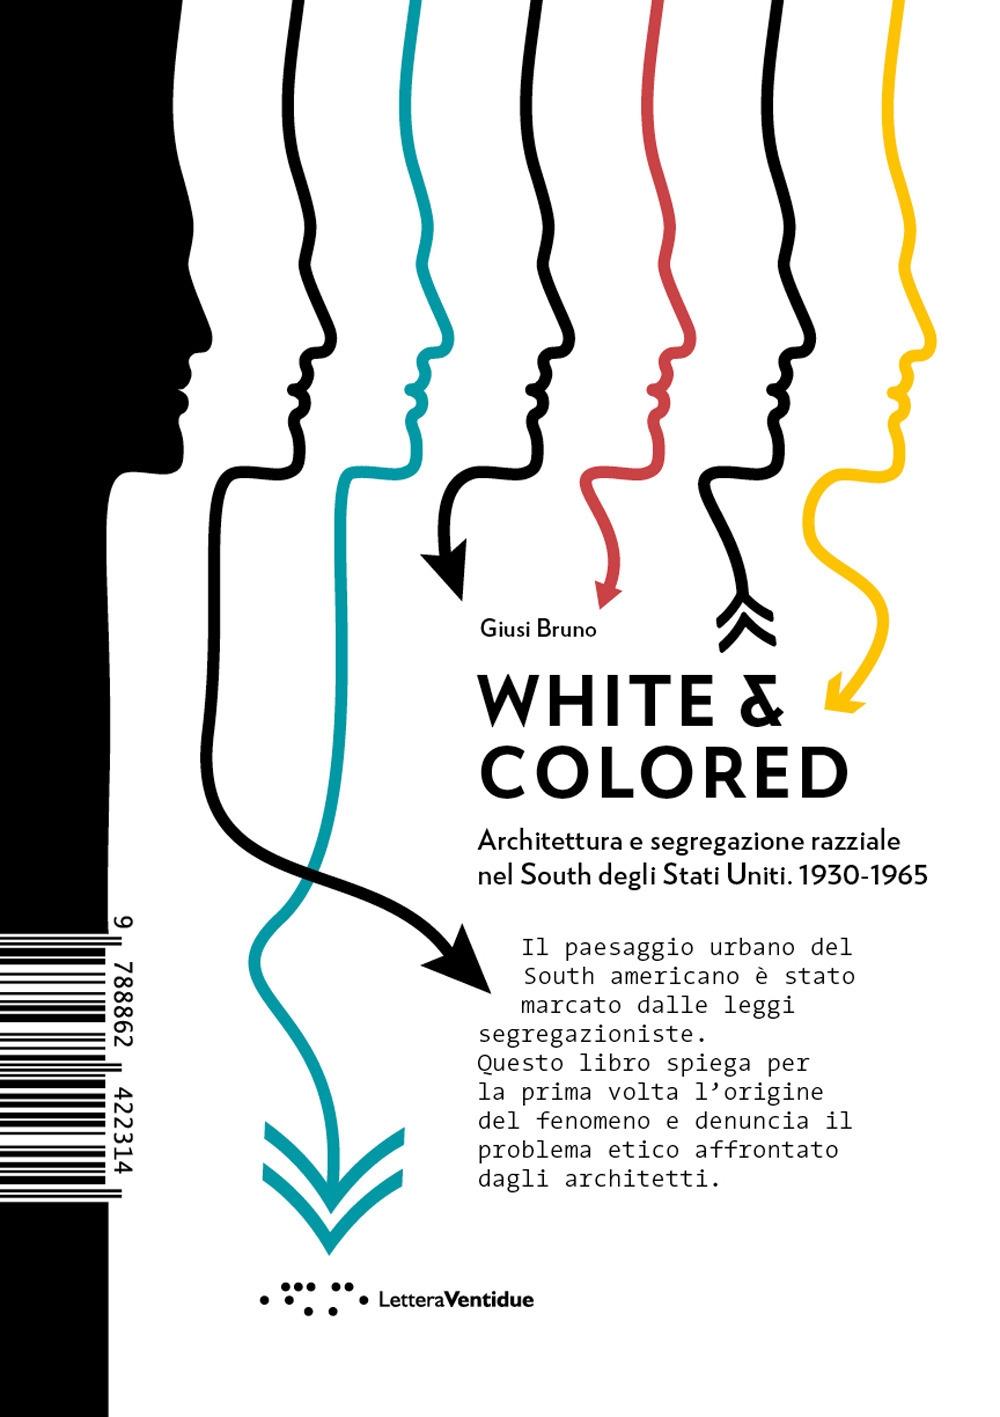 White & Colored. Architettura e Segregazione Razziale nel South degli Stati Uniti. 1930-1965